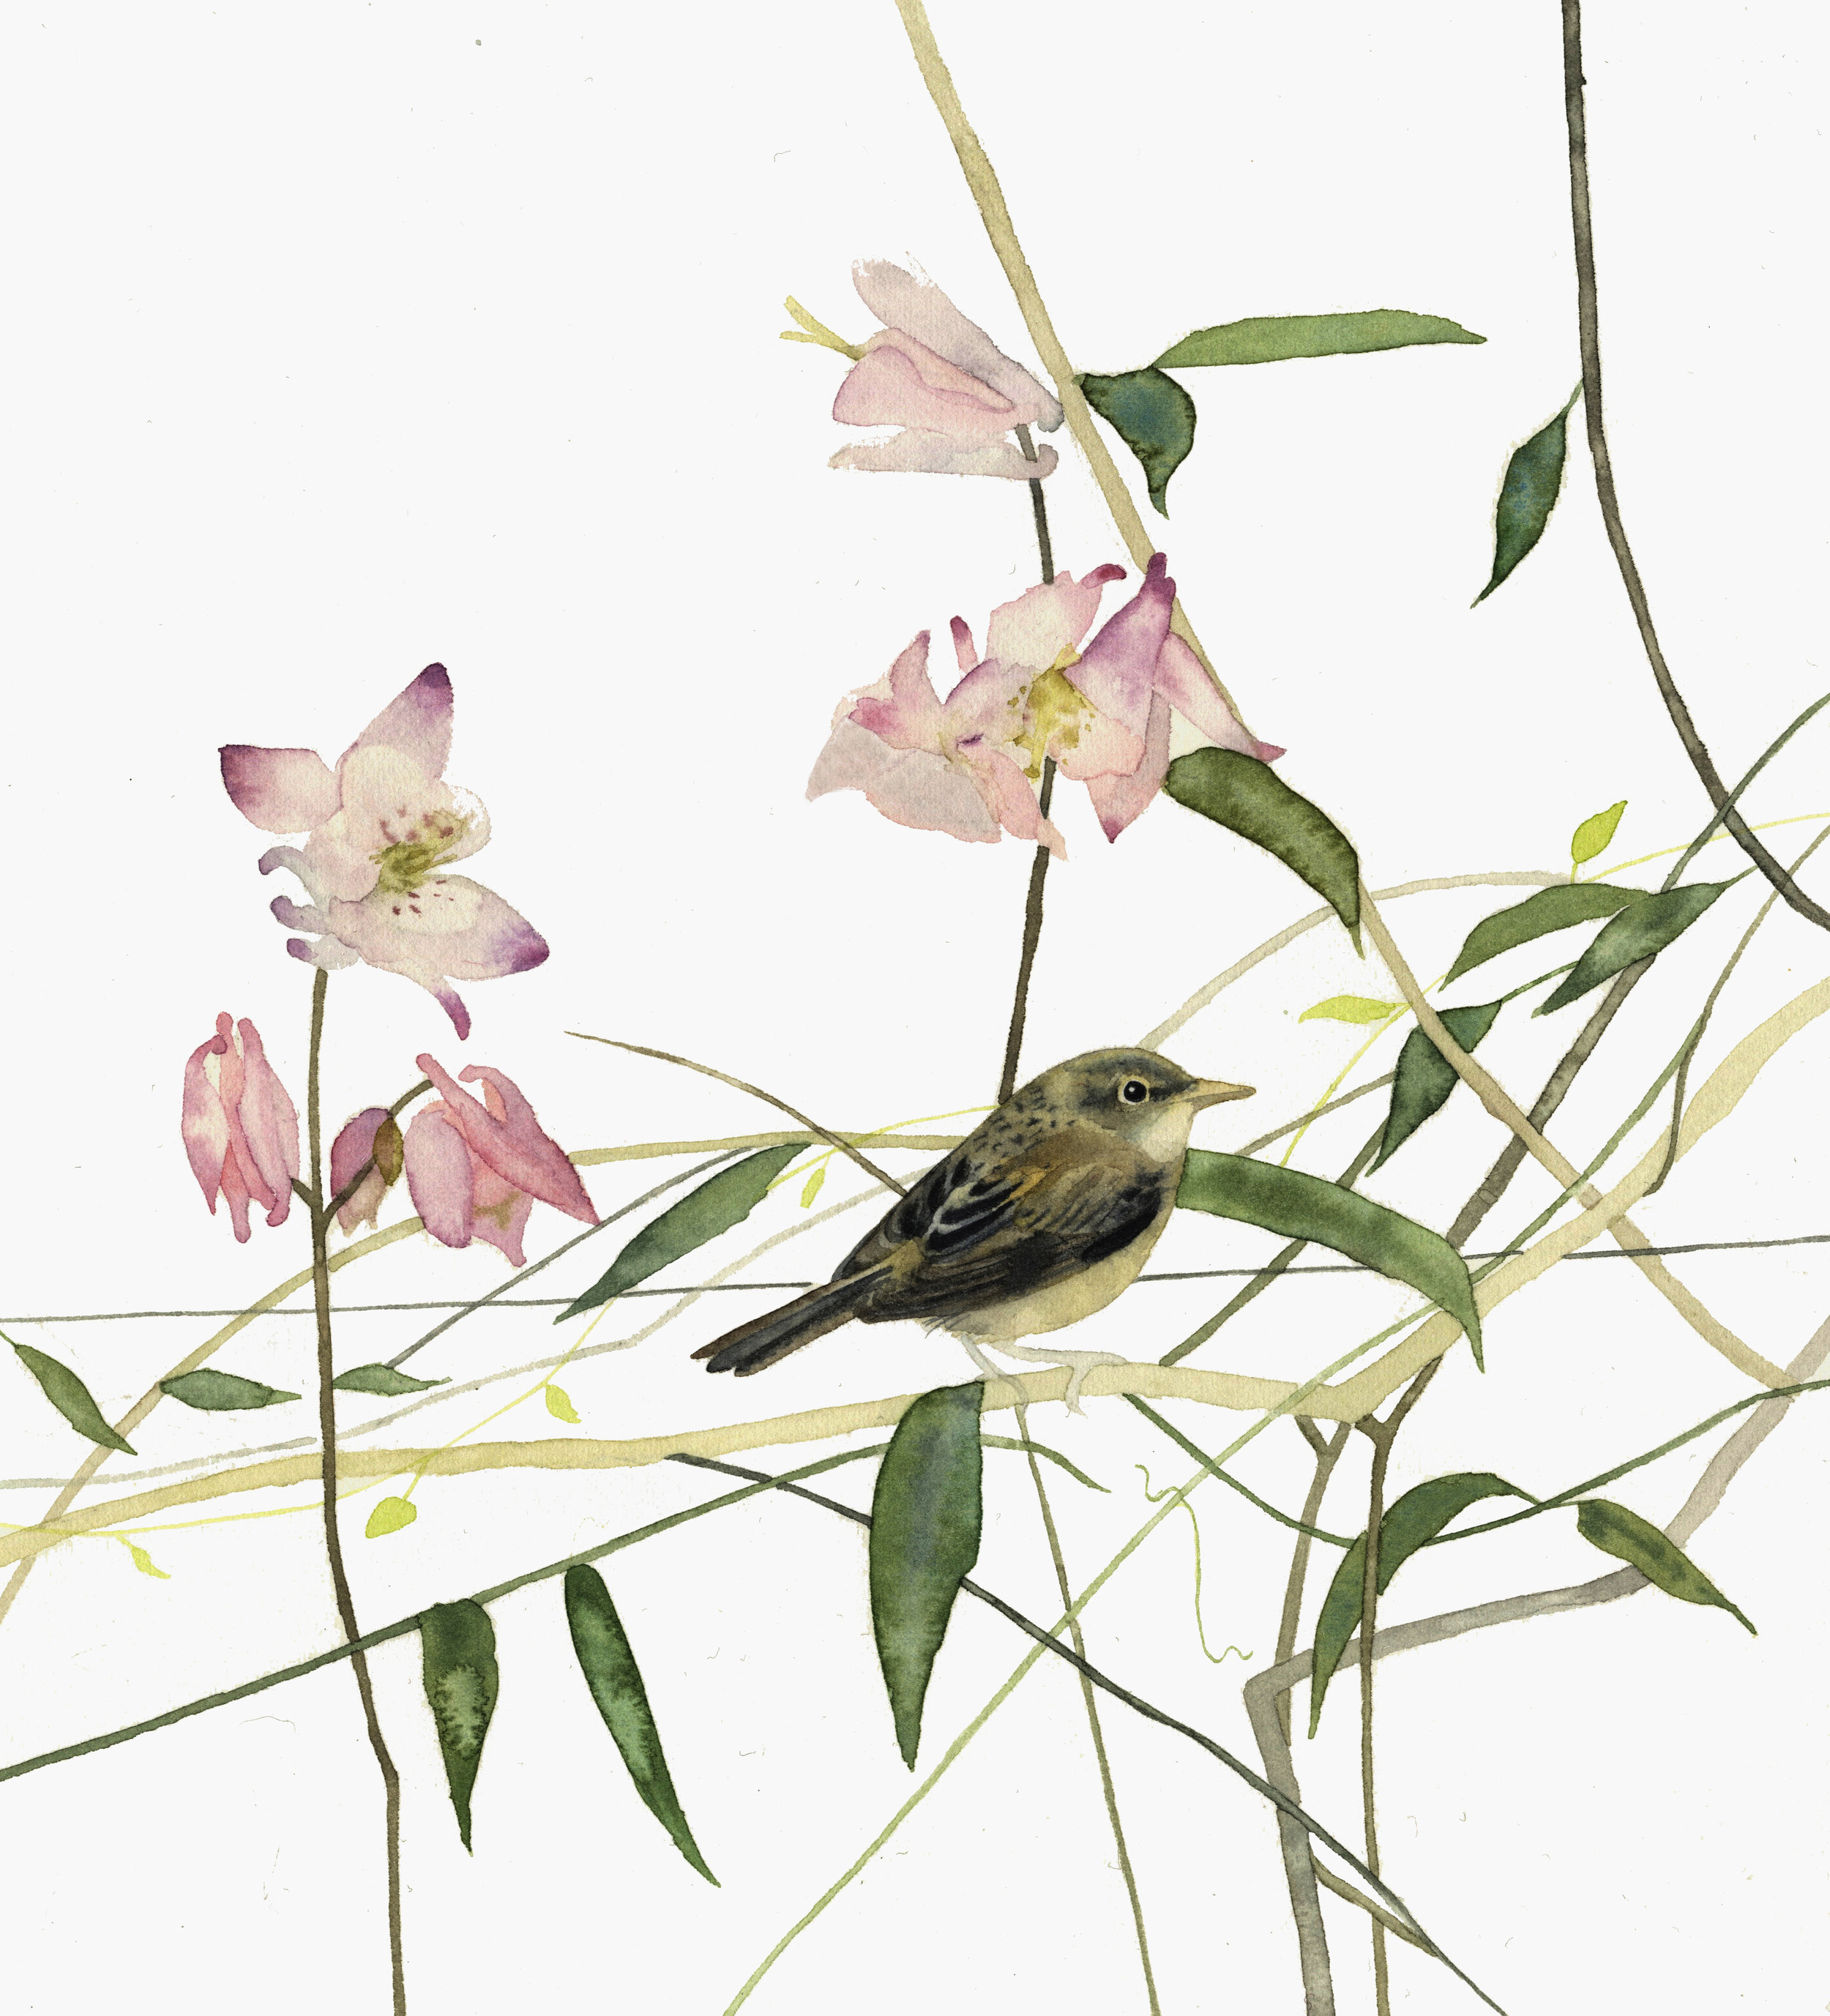 Bird Pink Flowers  watercolour  40 x 40 cm framed  £310